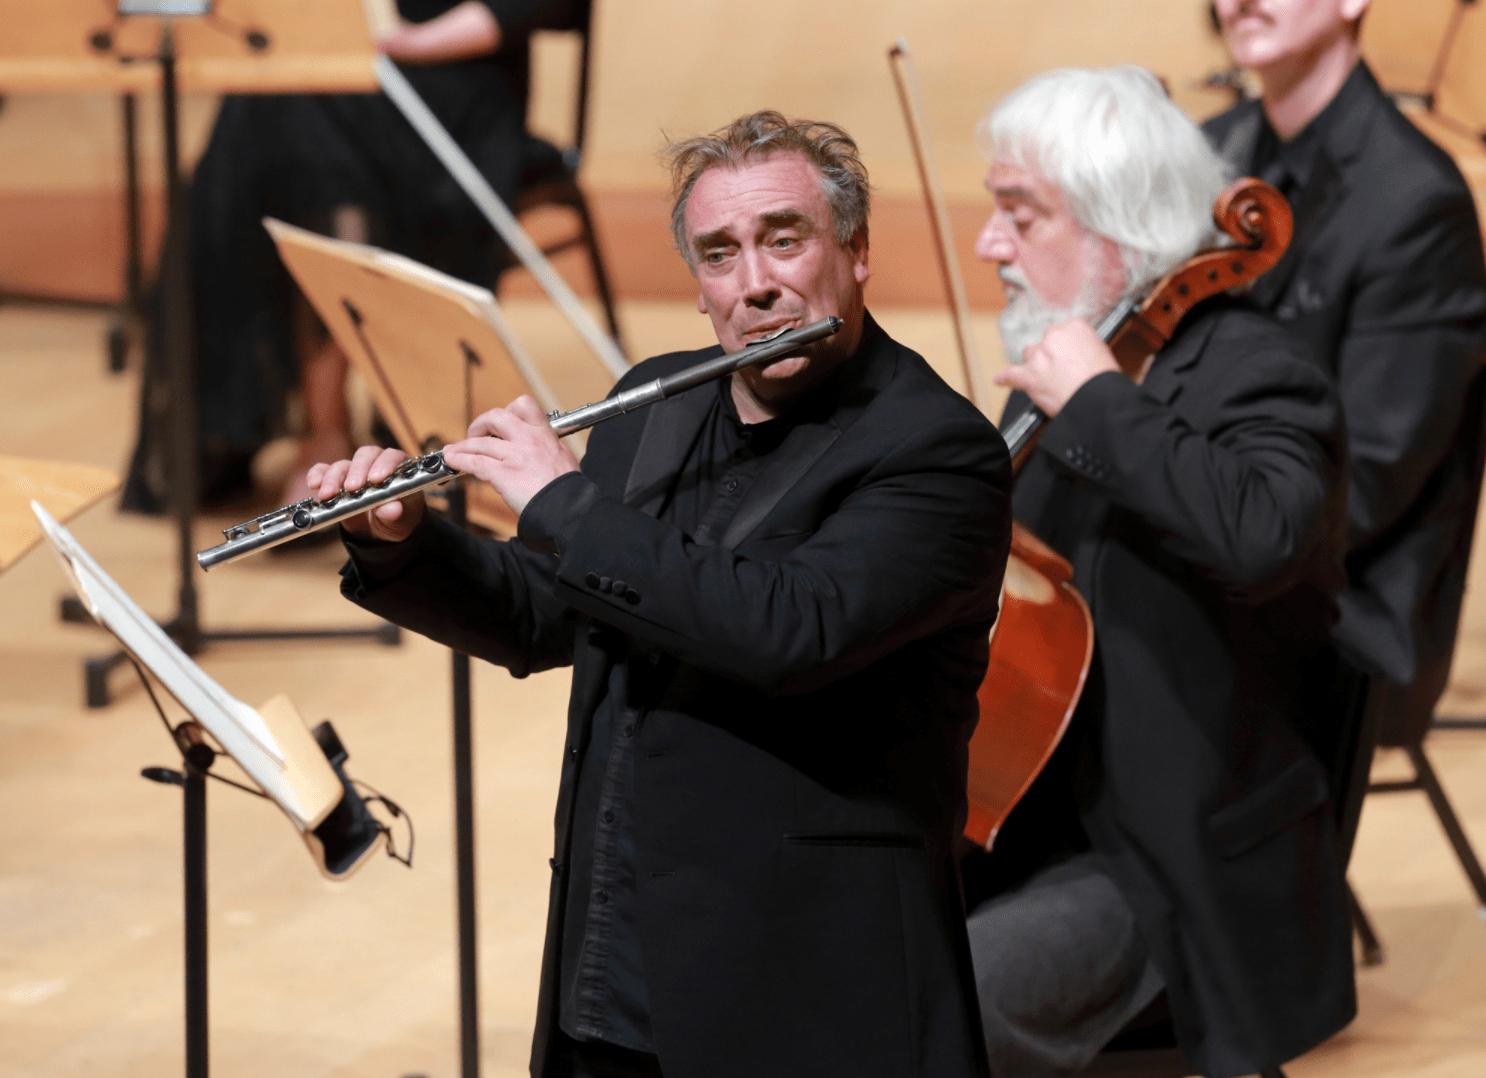 walt disney concert hall is open